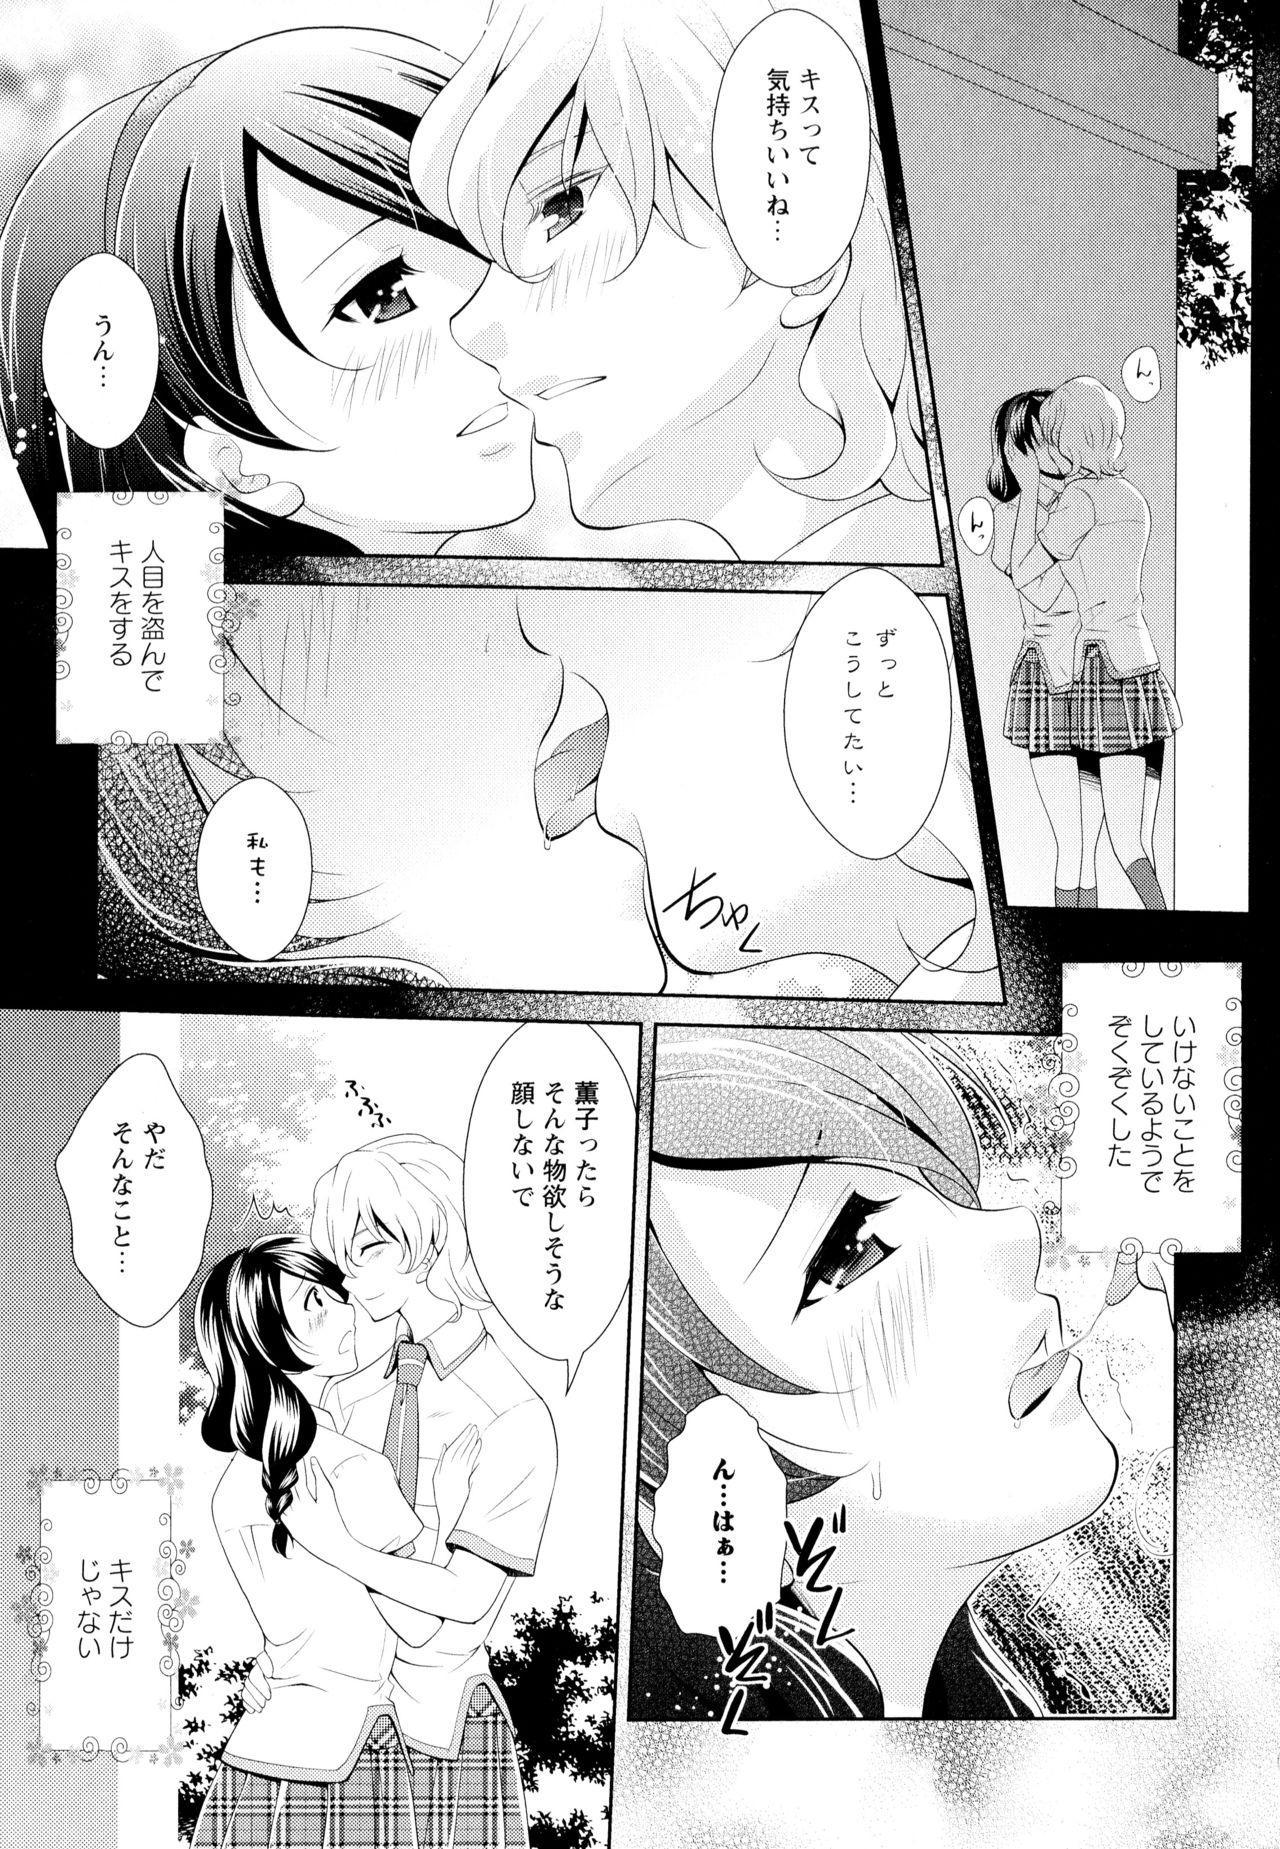 Aya Yuri Vol. 5 140